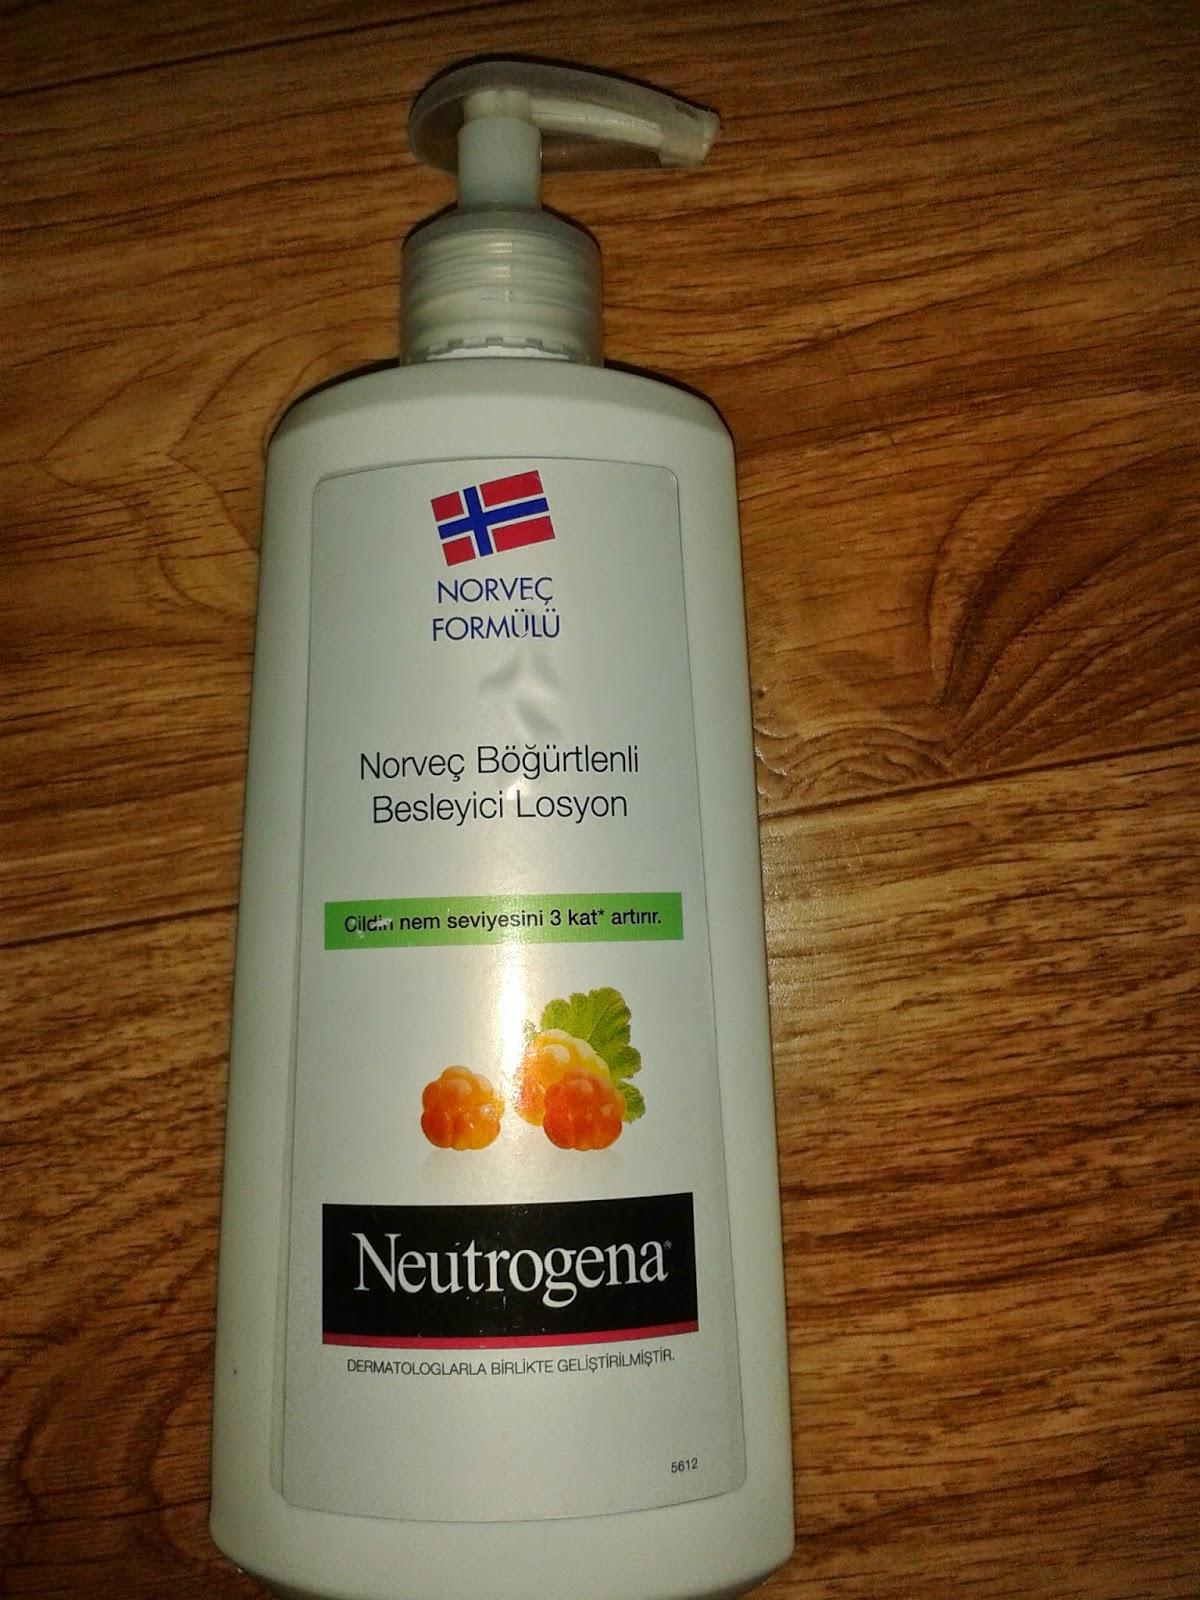 Neutrogena Norveç Böğürtlenli Besleyici Losyon